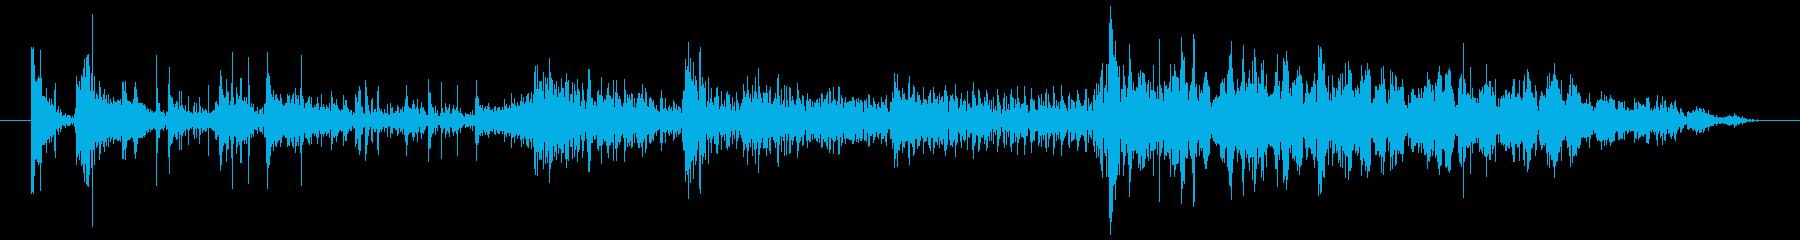 シャープピアススタティック2の再生済みの波形